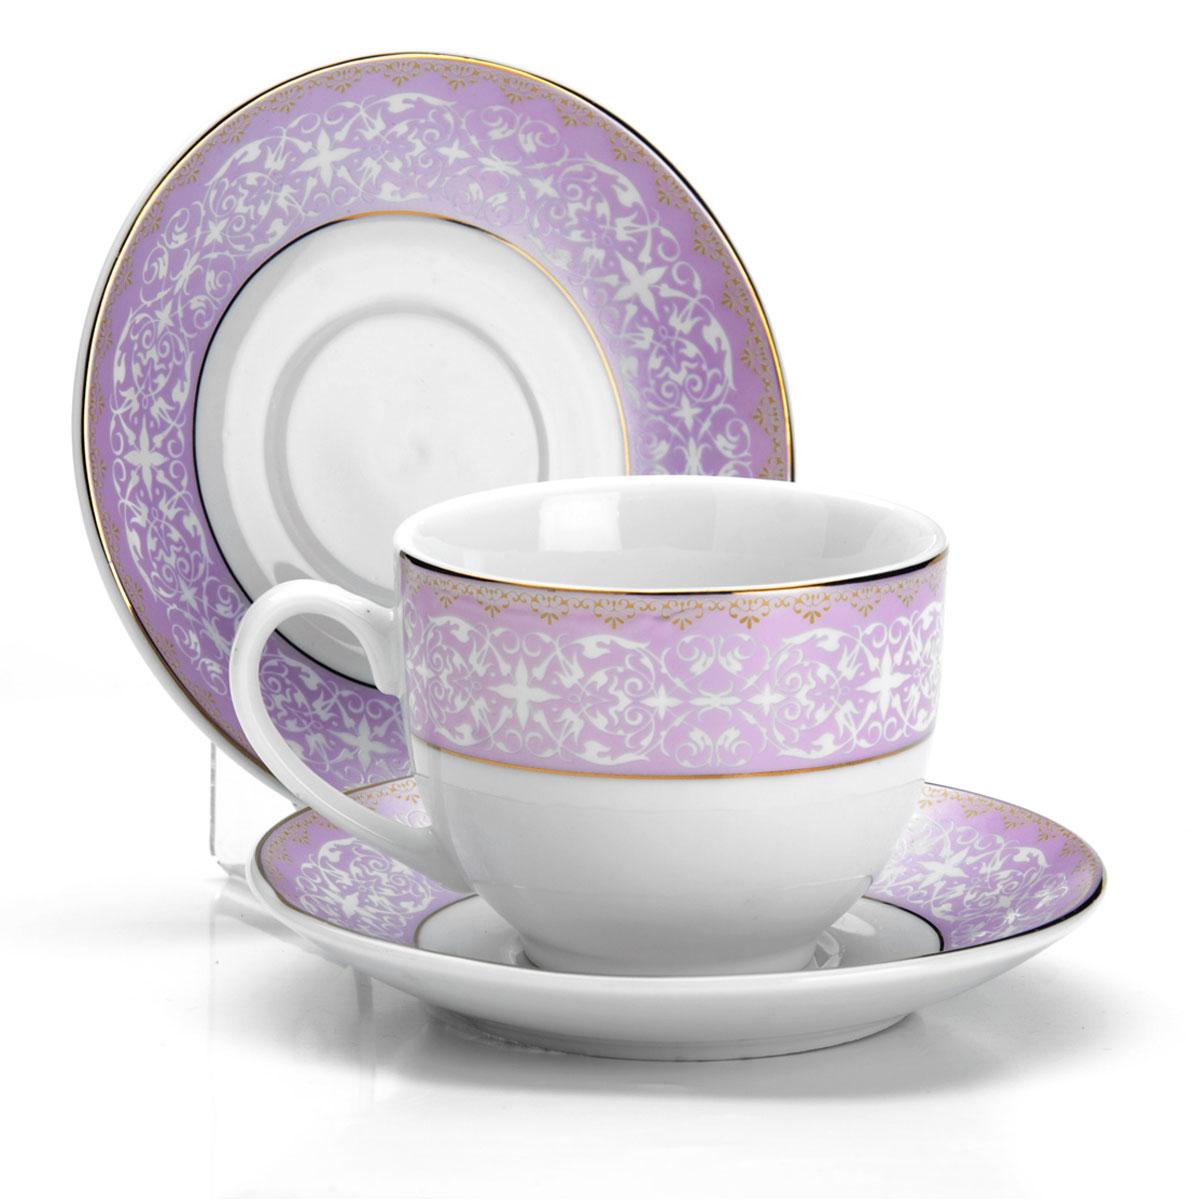 Набор чайный Loraine, 12 предметов. 2589925899